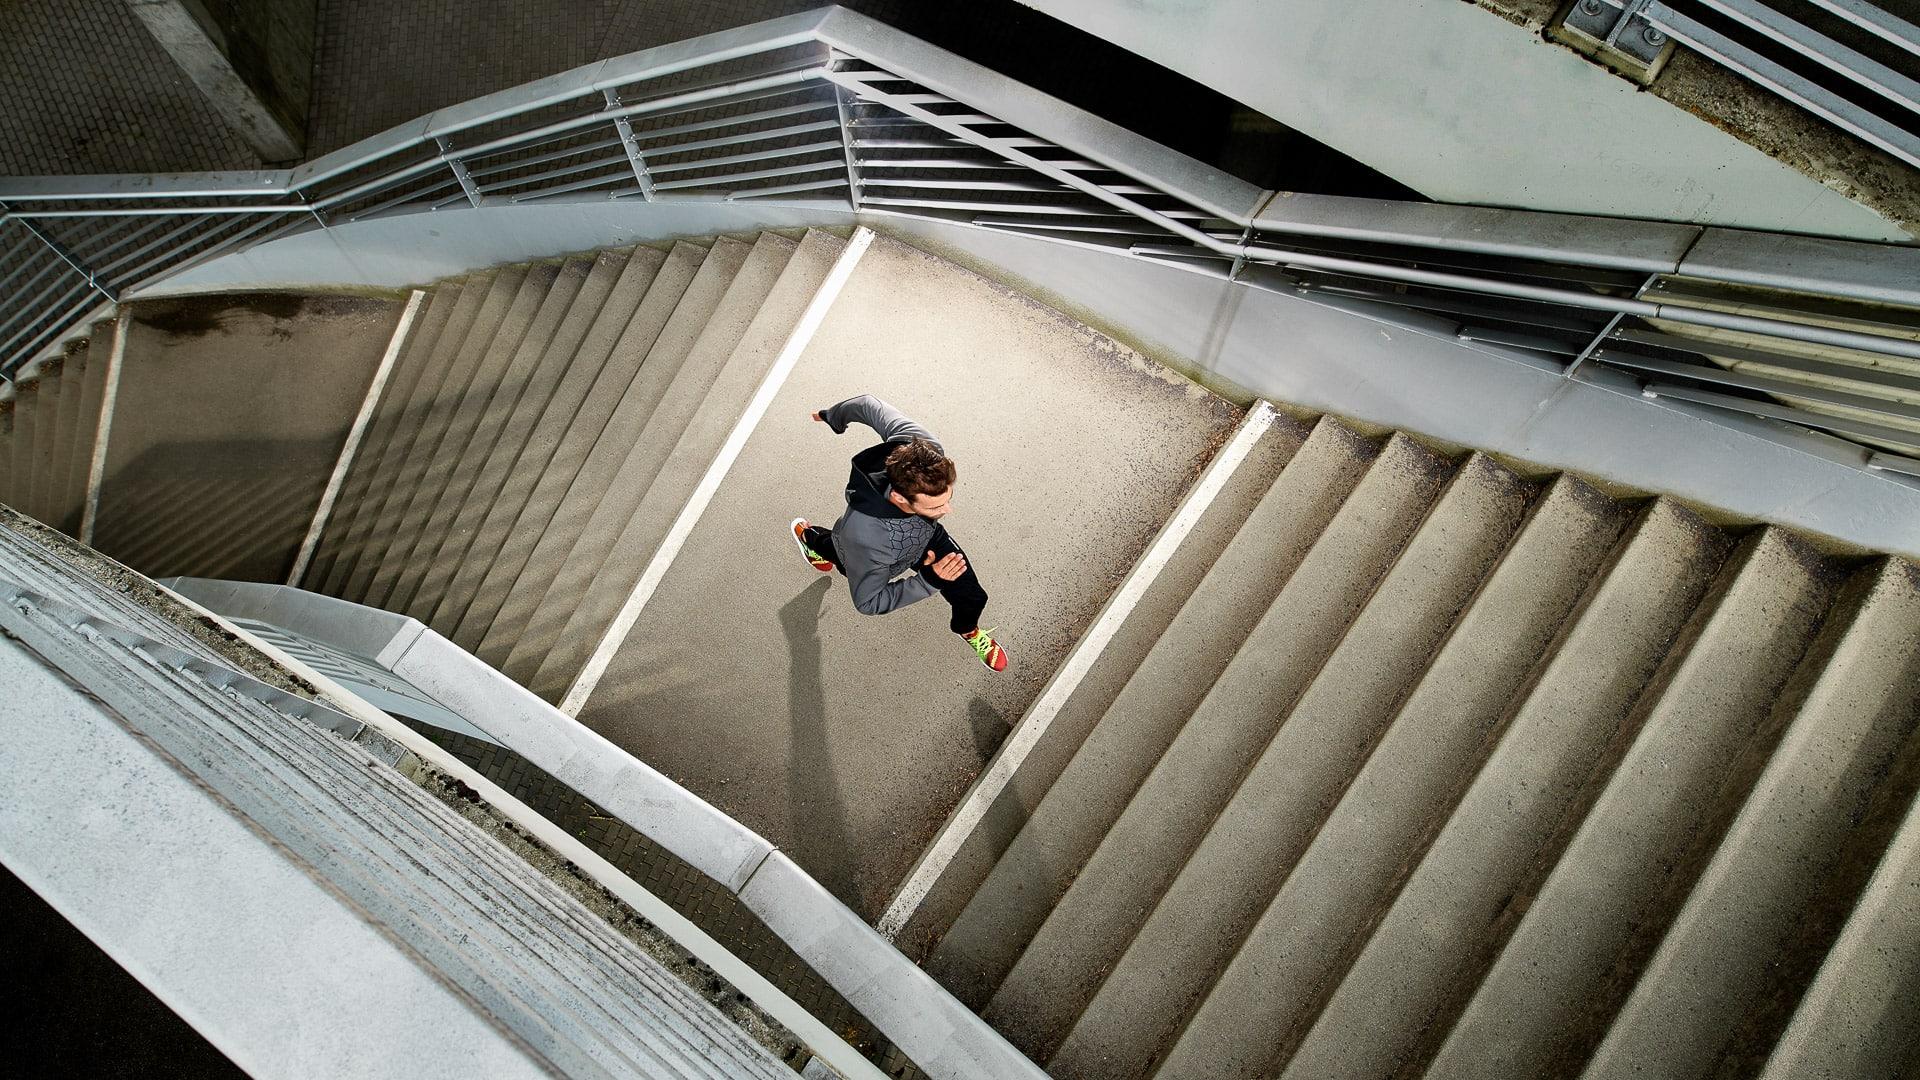 Werbefotograf Markus Mielek aus Dortmund inszeniert Sportler für Runners Point